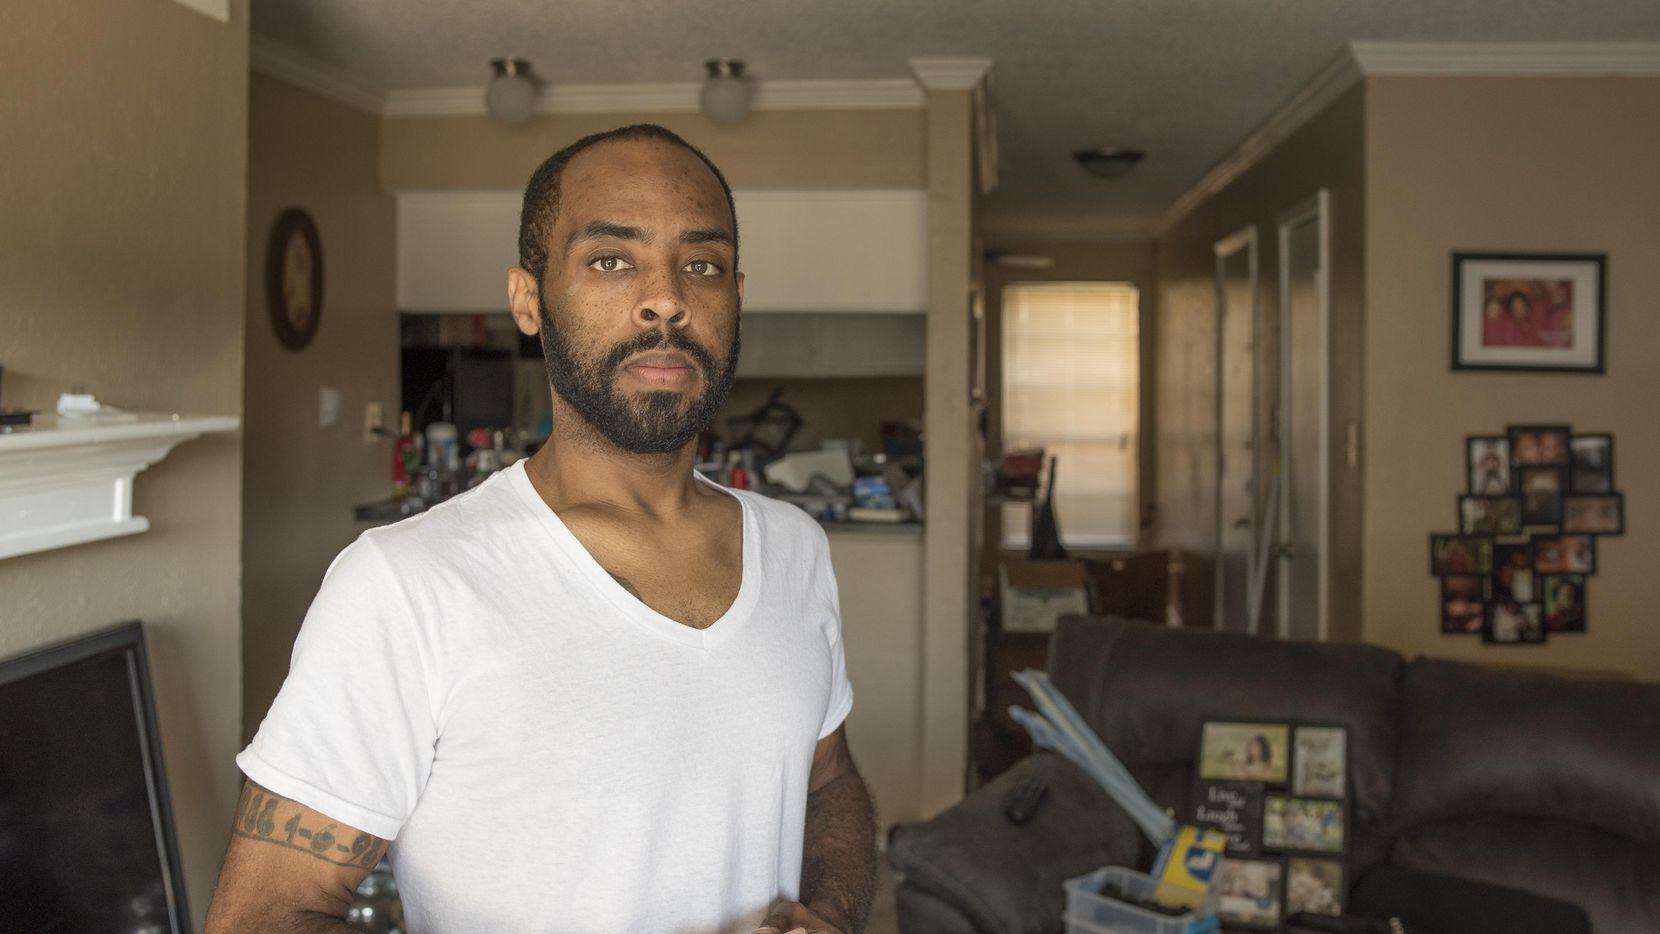 Robin Bobo contaba con un subsidio federal para tener vivienda, pero ó finalmente decidió pagar más y mudarse a Spring Valley Road, porque muy pocos arrendadores aceptan los vales federales.  DMN